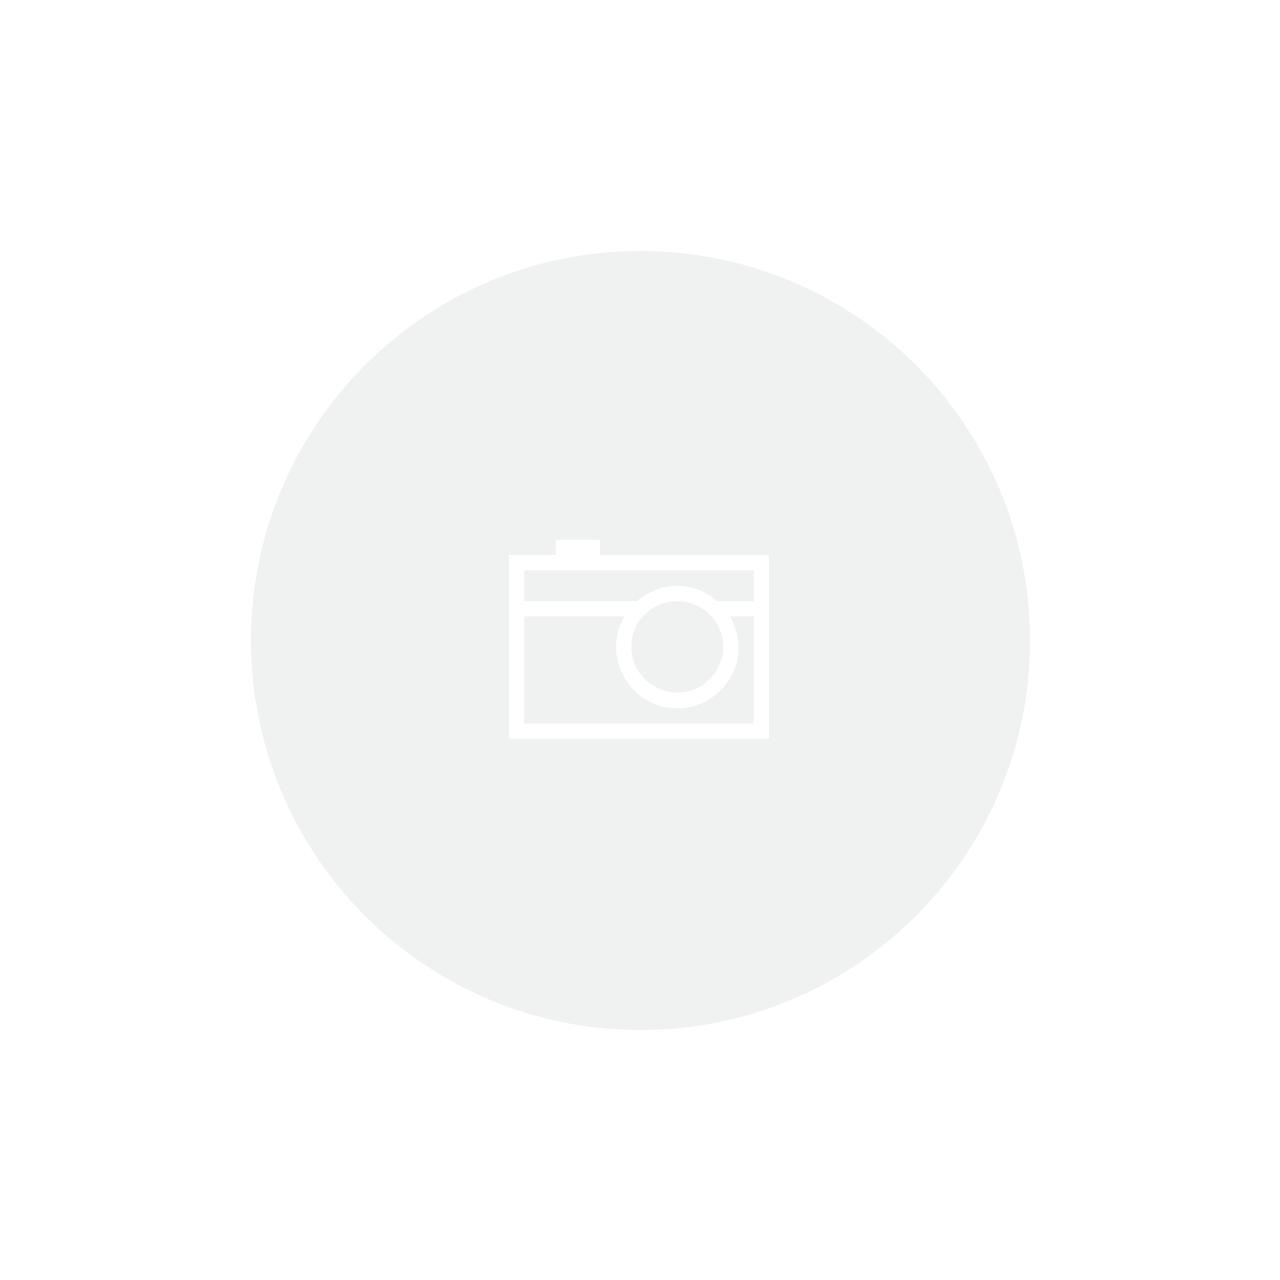 Fruteira de Vidro c/ Alça e pé de Latao Niquelado 22X21X1Cm